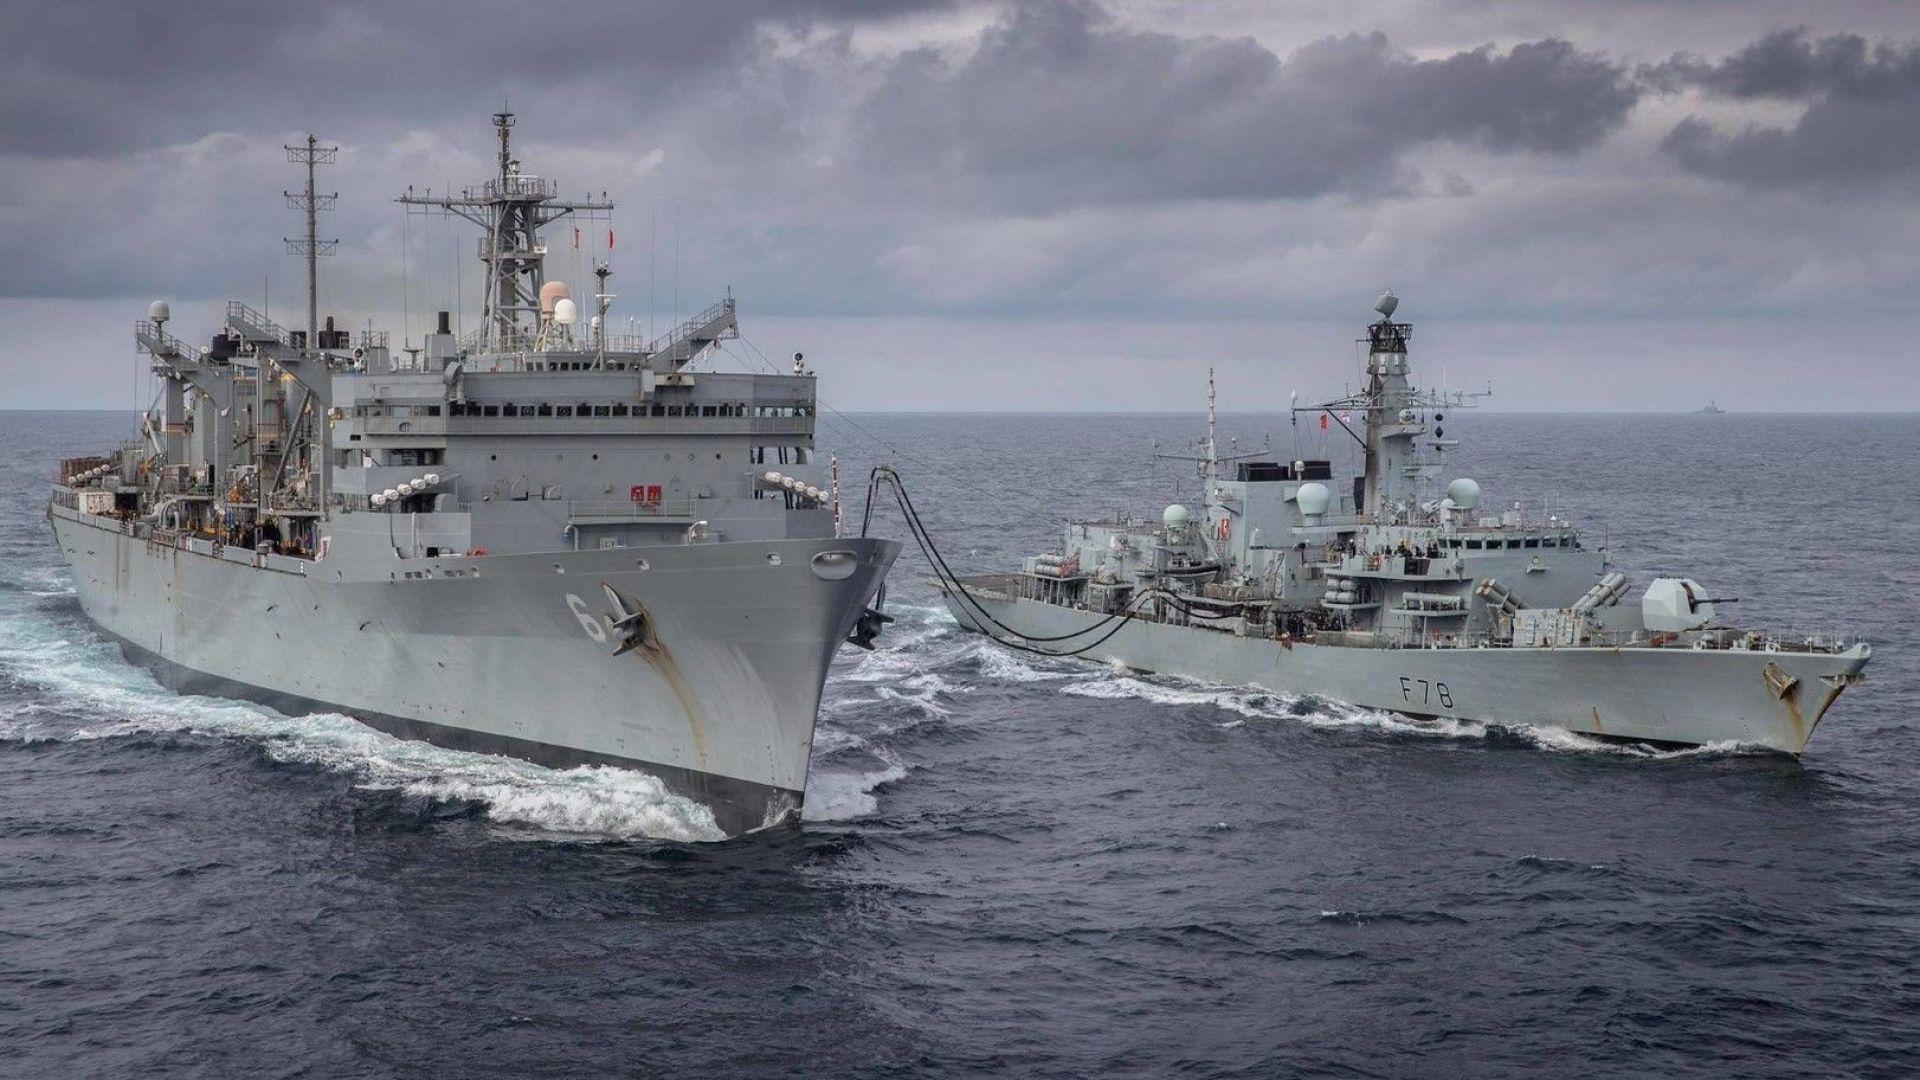 US бойни кораби навлязоха в Баренцово море за първи път от разпада на СССР